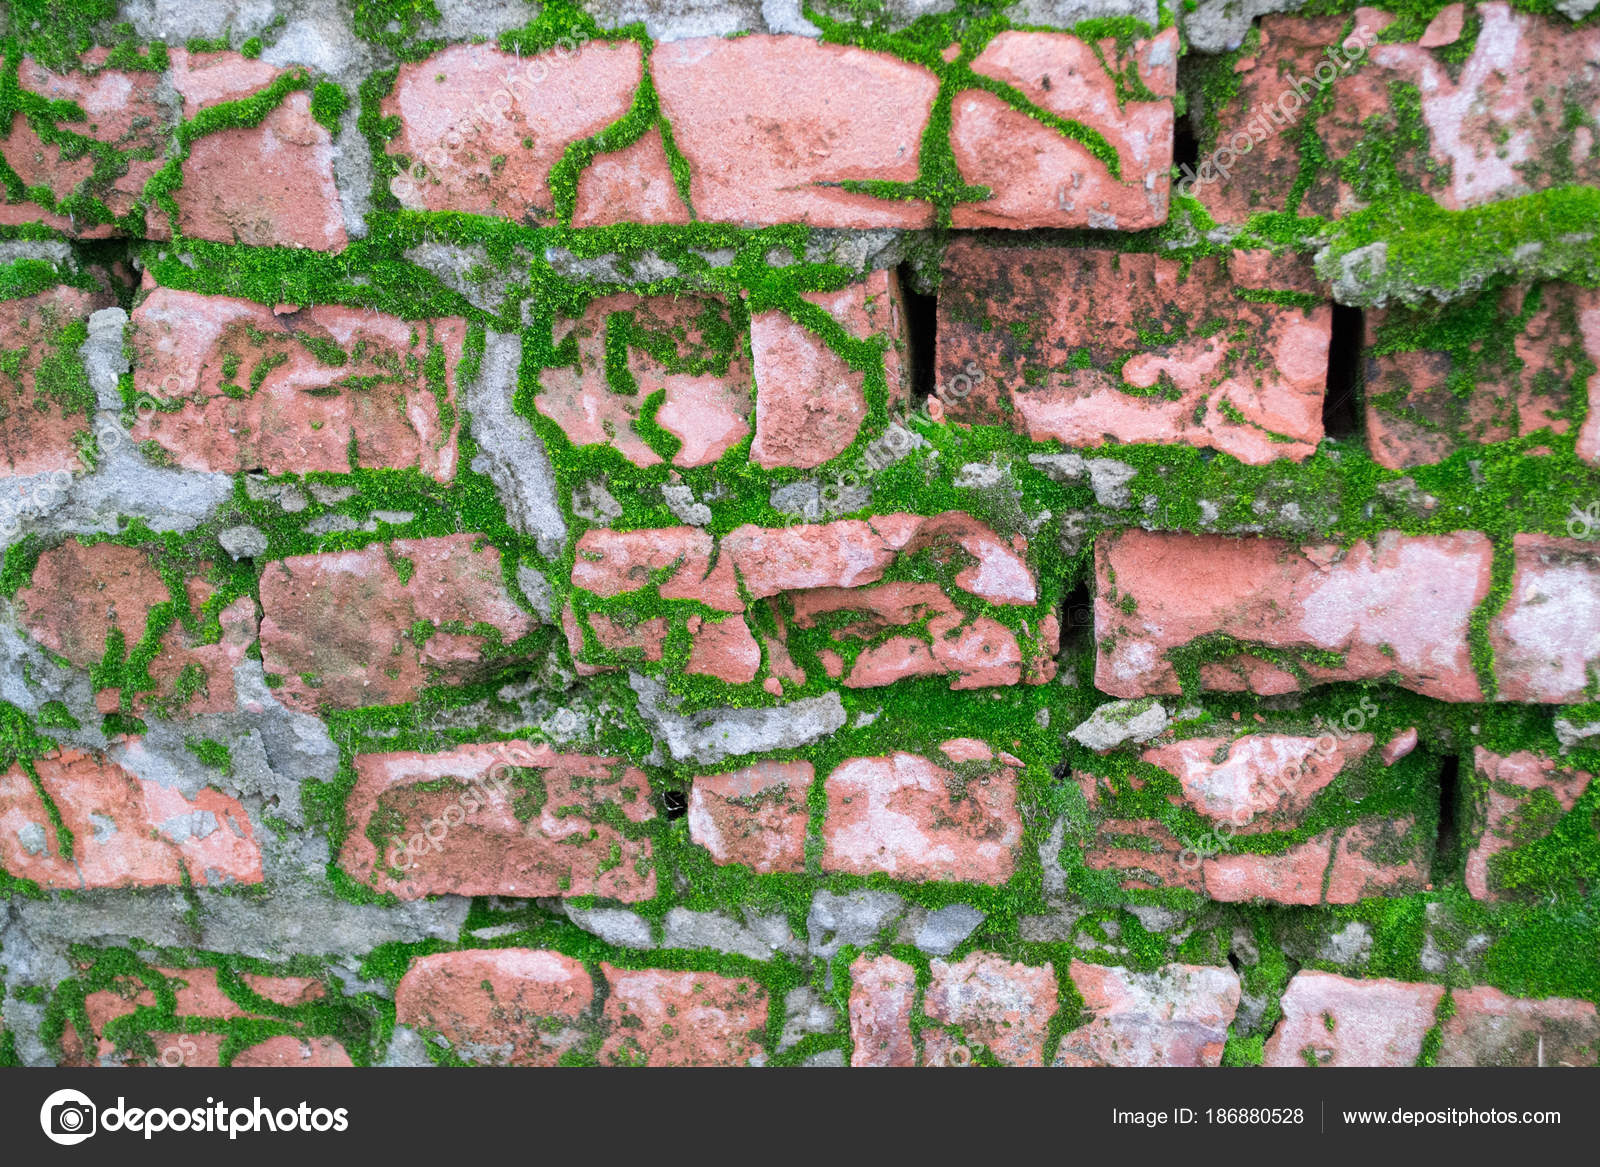 Texture Fond Une Vieille Brique Rouge Recouverte Mousse Verte — Photographie Insolite © #186880528